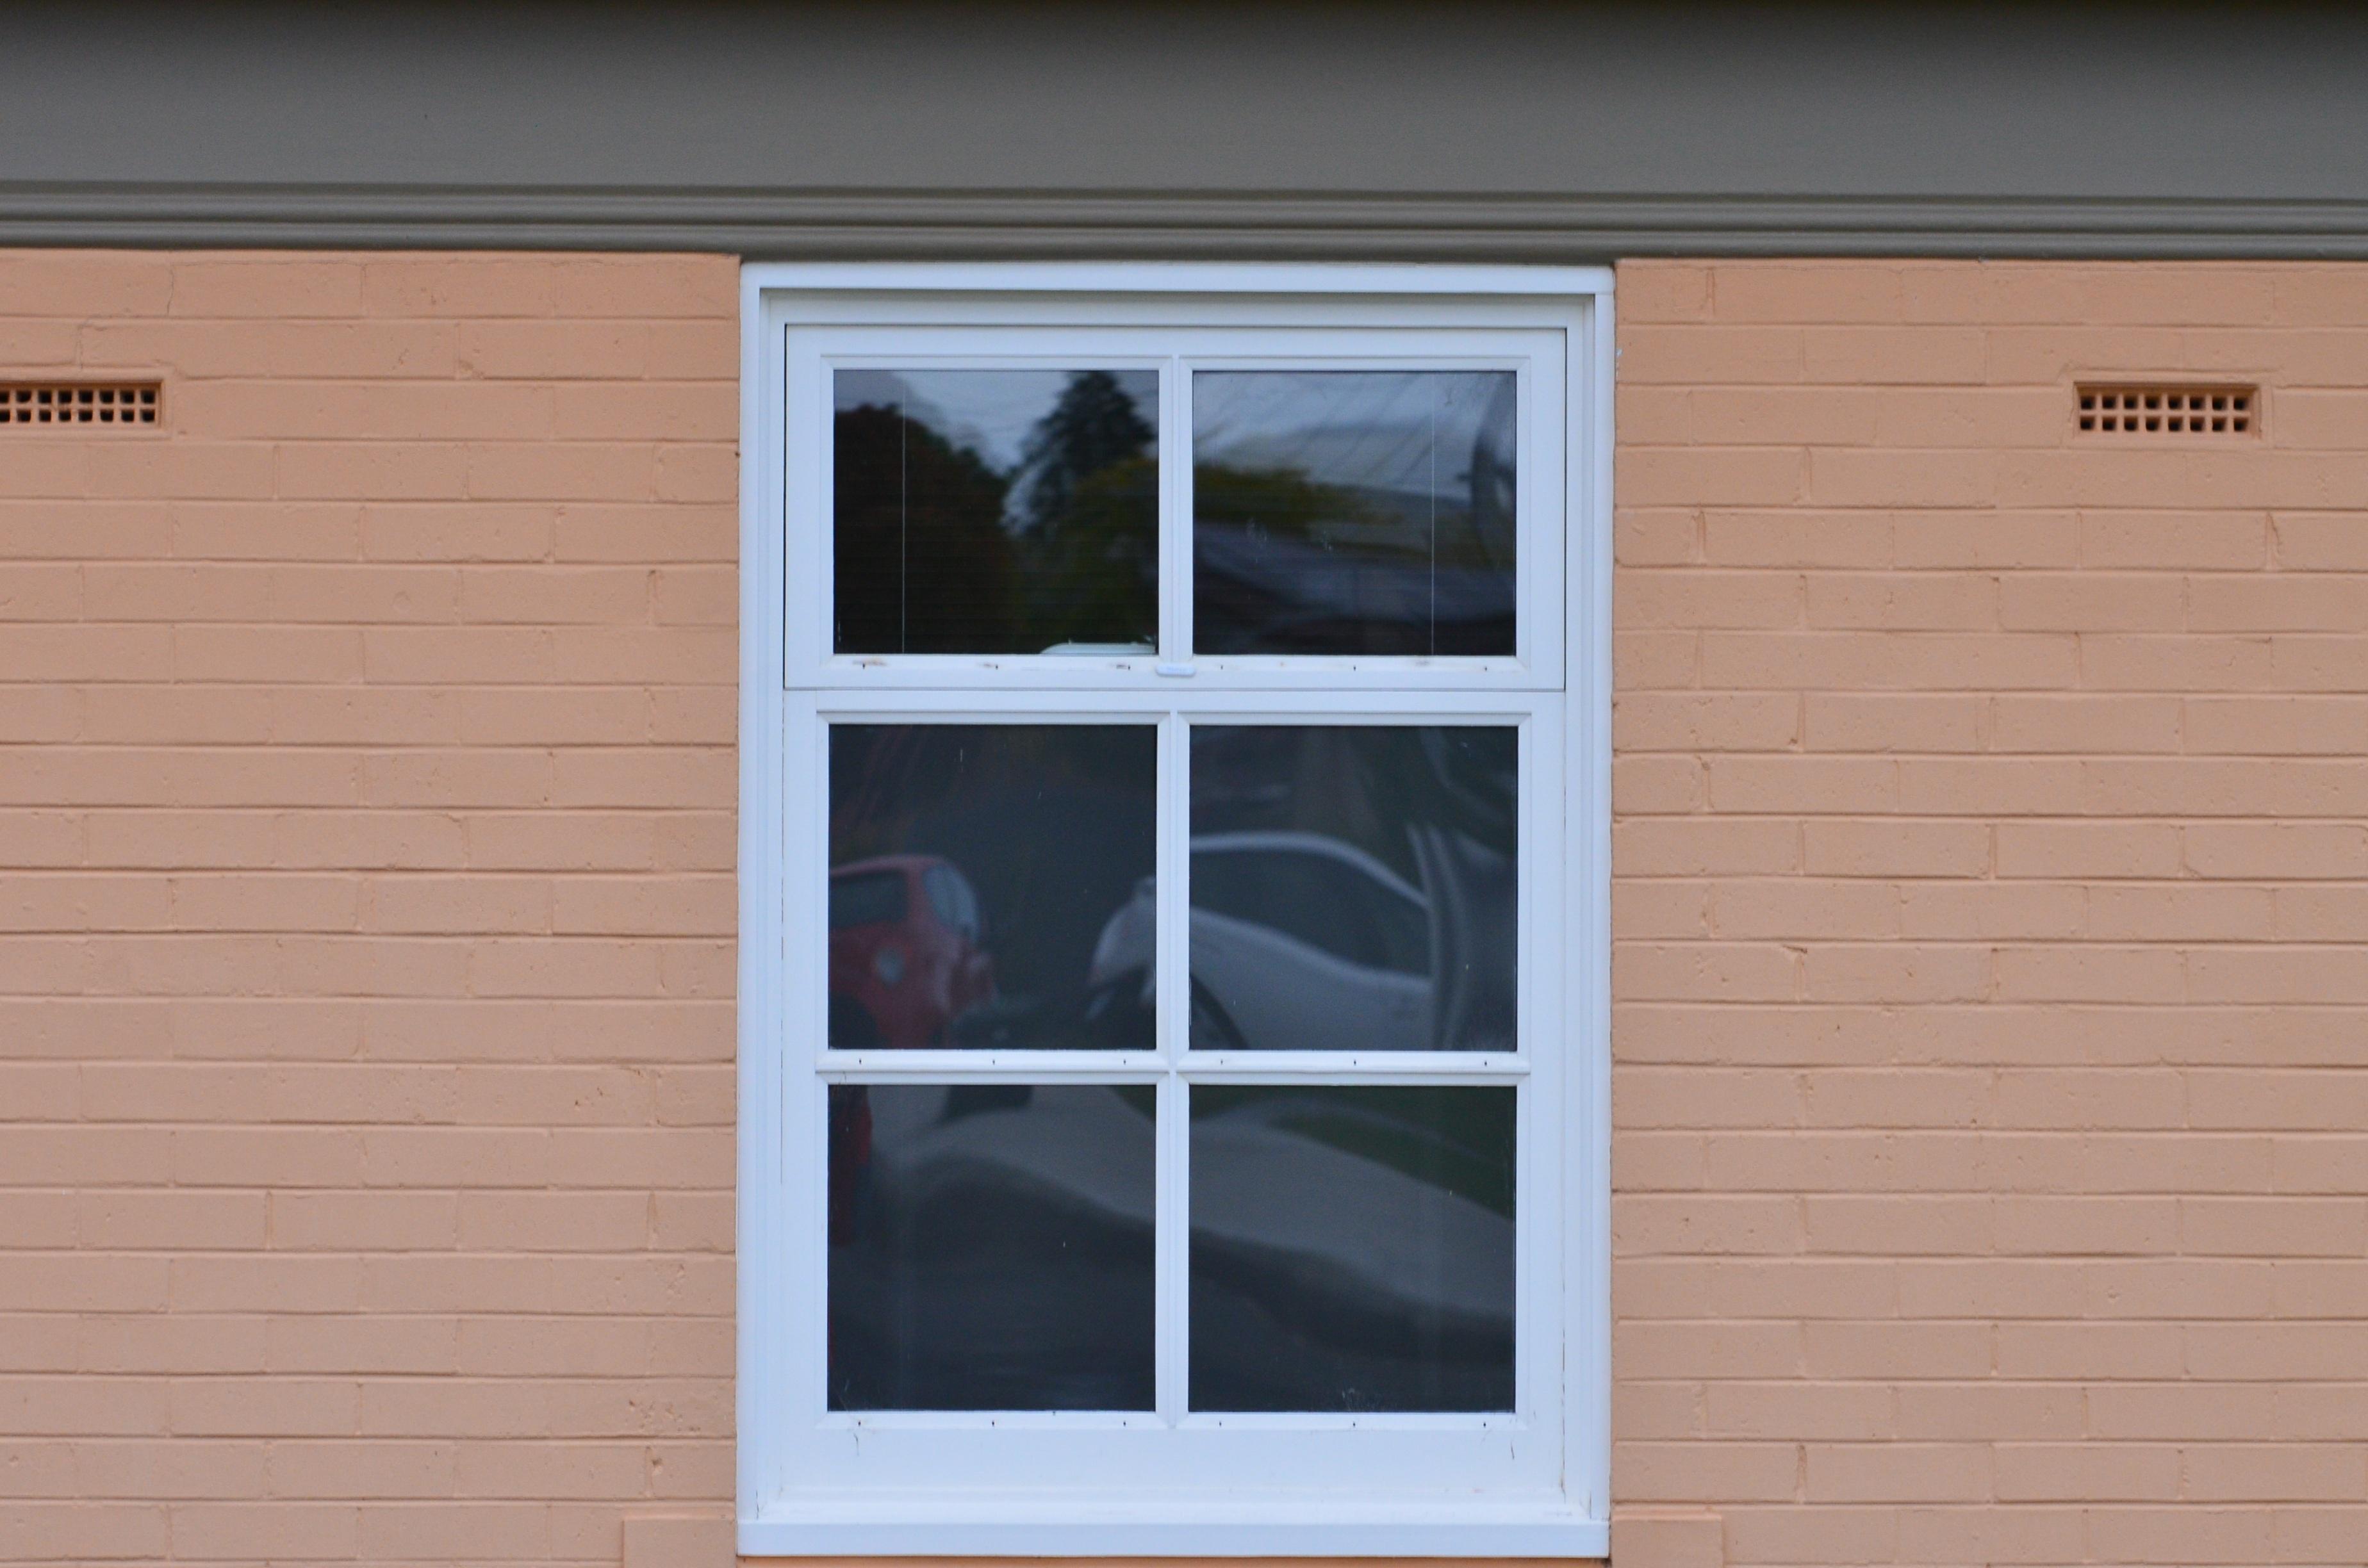 무료 이미지 : 건축물, 목재, 창문, 건물, 늙은, 빨간, 색깔, 정면 ...